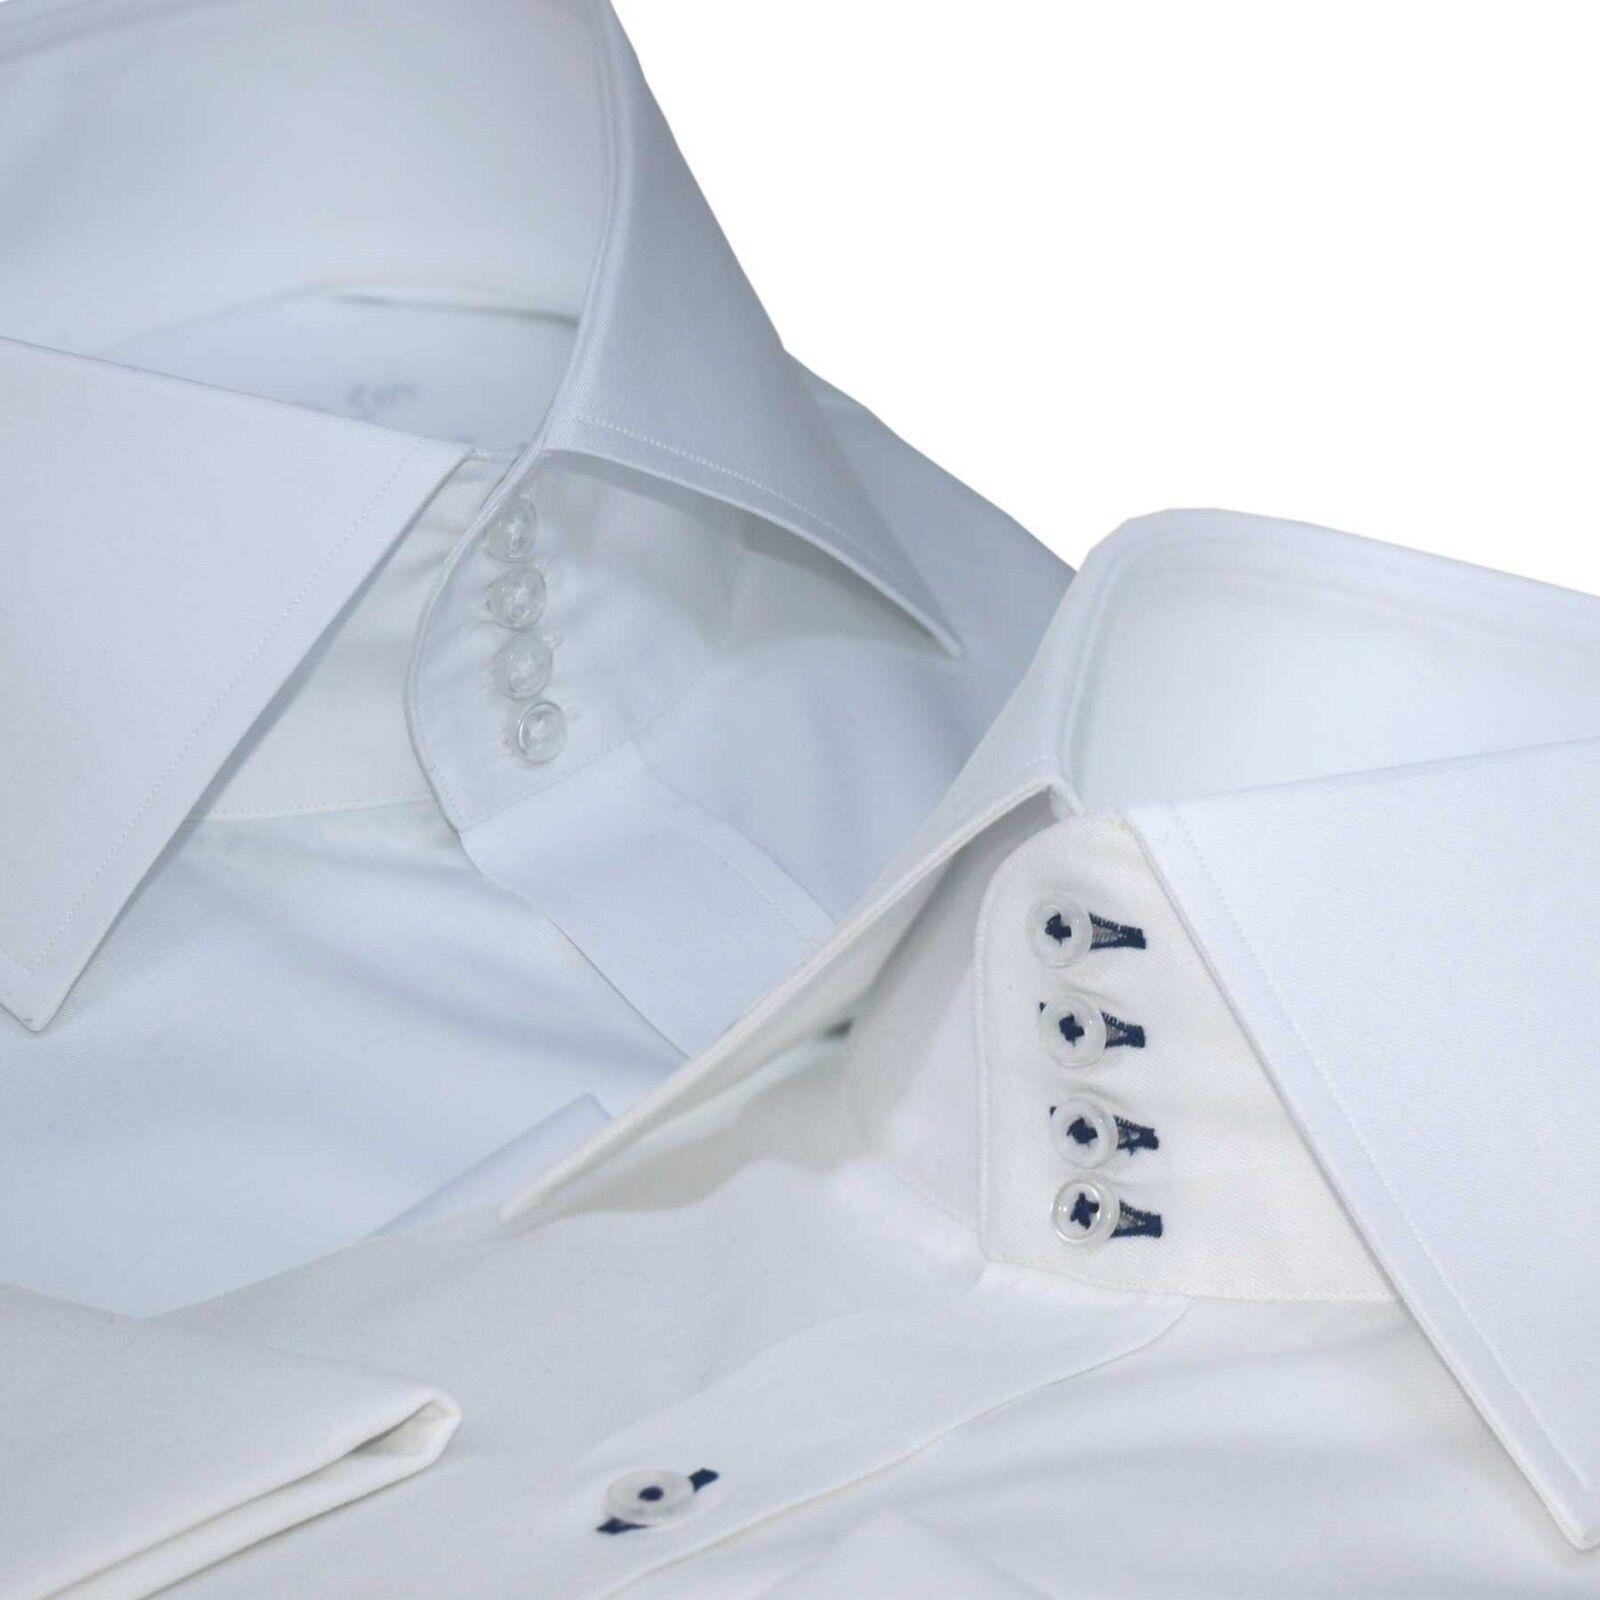 4f140543b0ca47 Uomo collo Alto Camicia Aperto Aperto Aperto Colletto 4 Bottoni Fascia  Bianco o Blu 209eaa